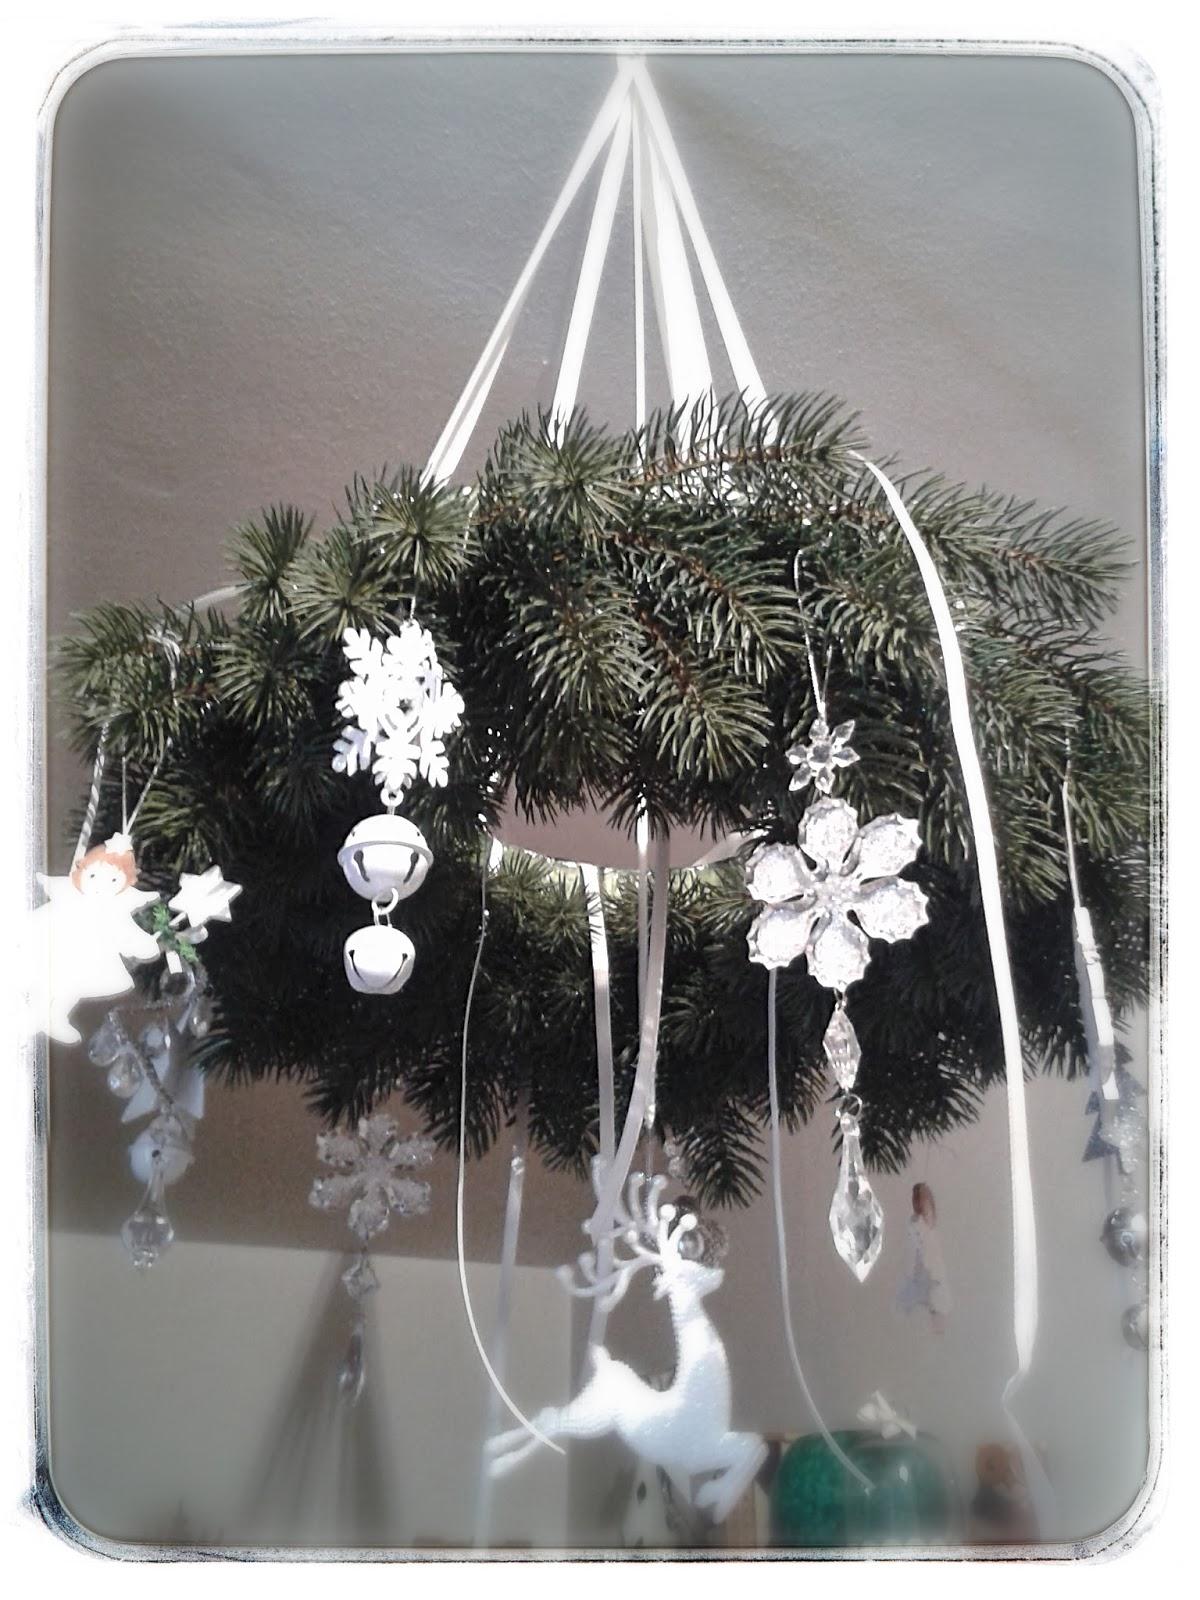 Decorazioni natalizie da appendere al soffitto disegni for Decorazioni natalizie in legno da appendere